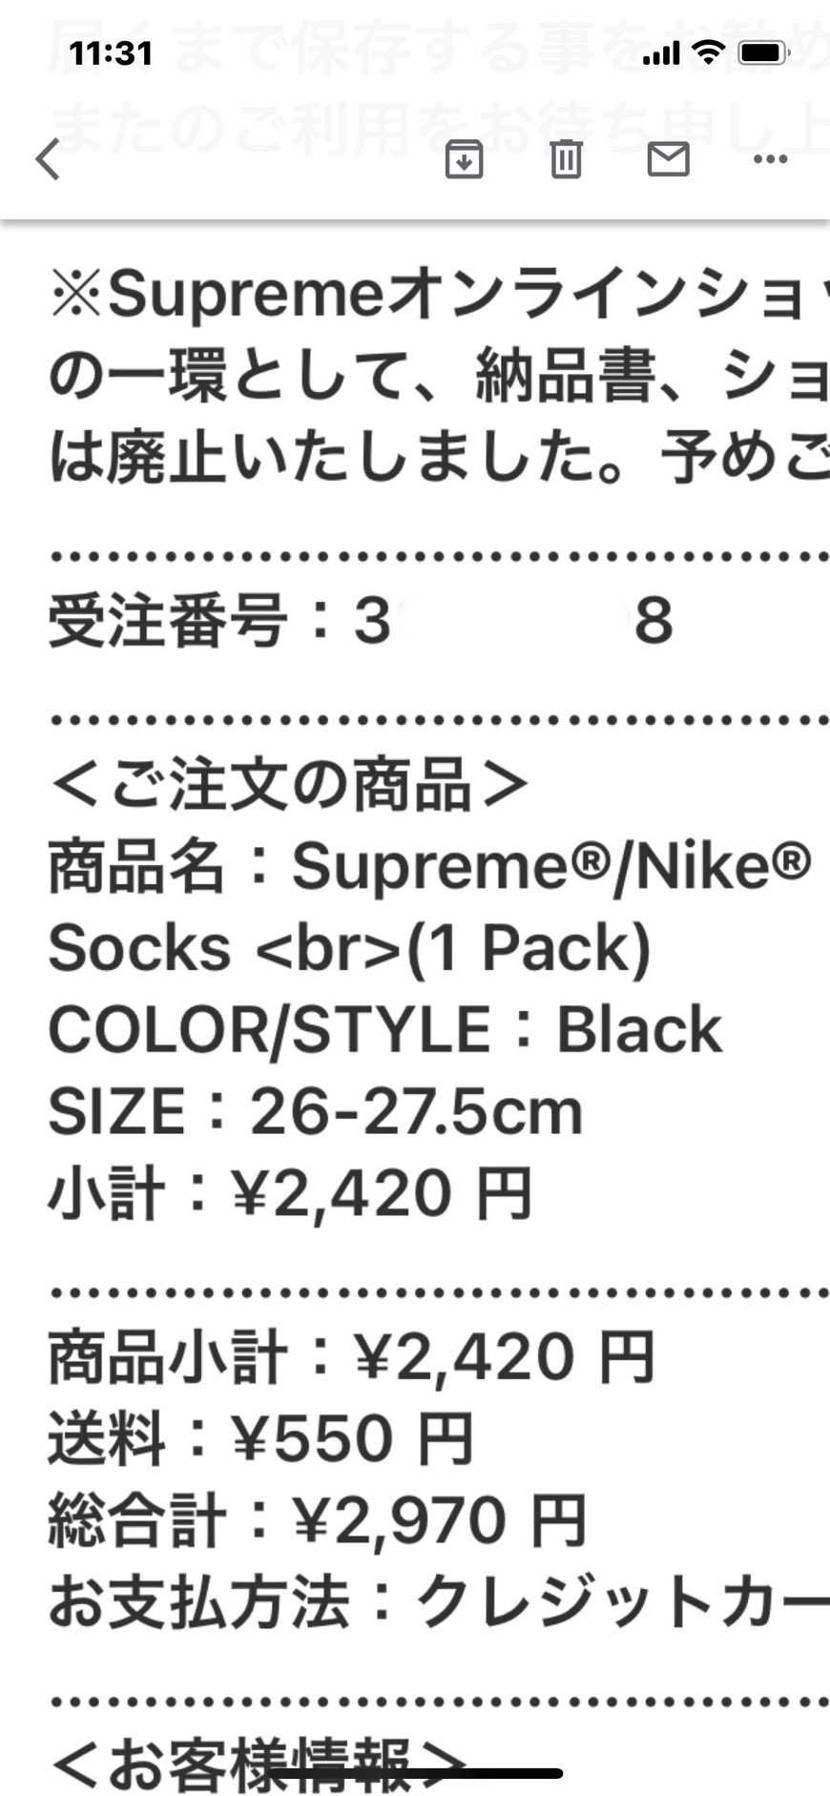 supreme online challengeしてみました✨ ソックス(黒)